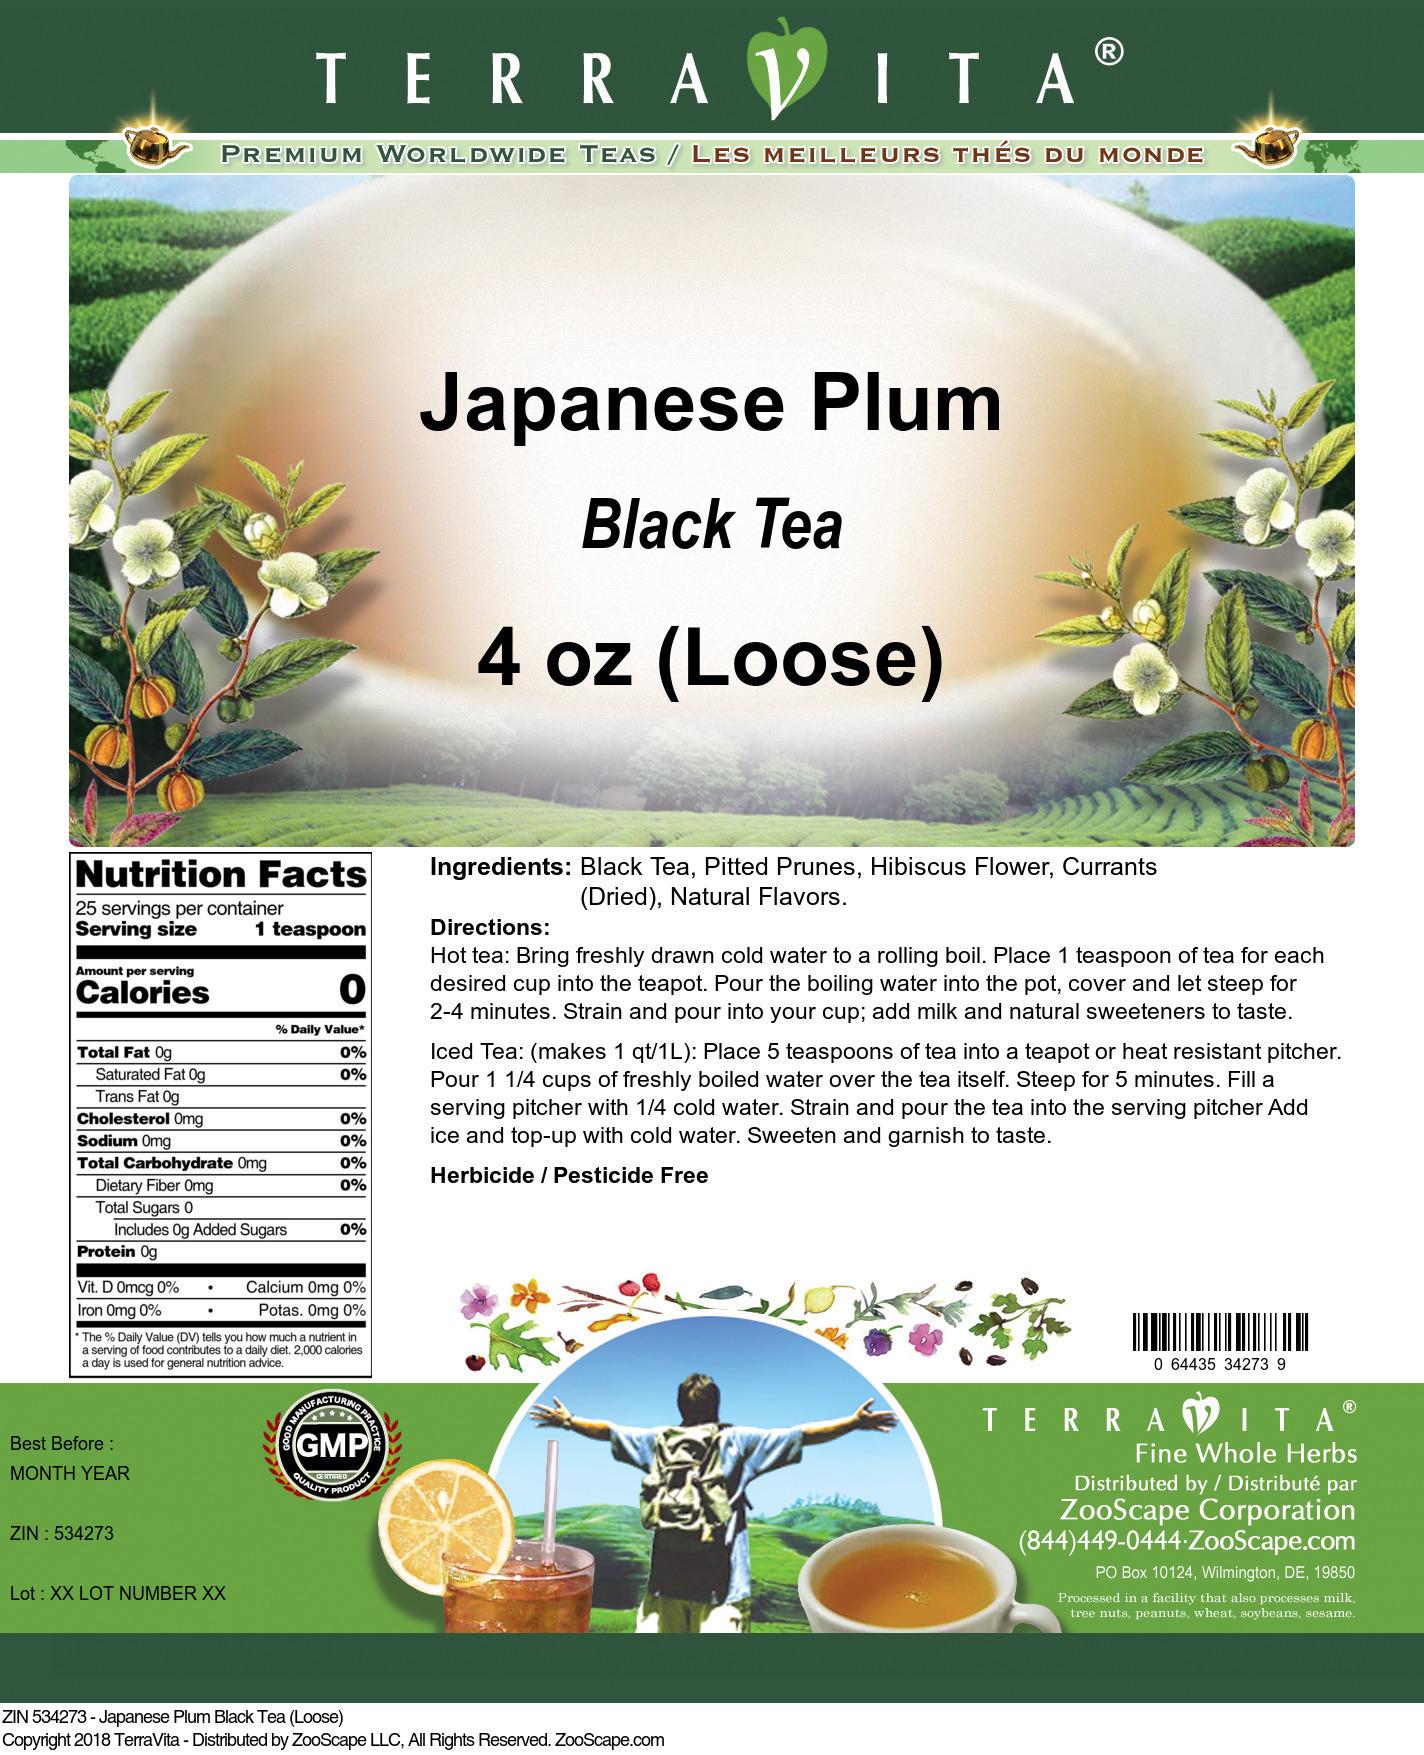 Japanese Plum Black Tea